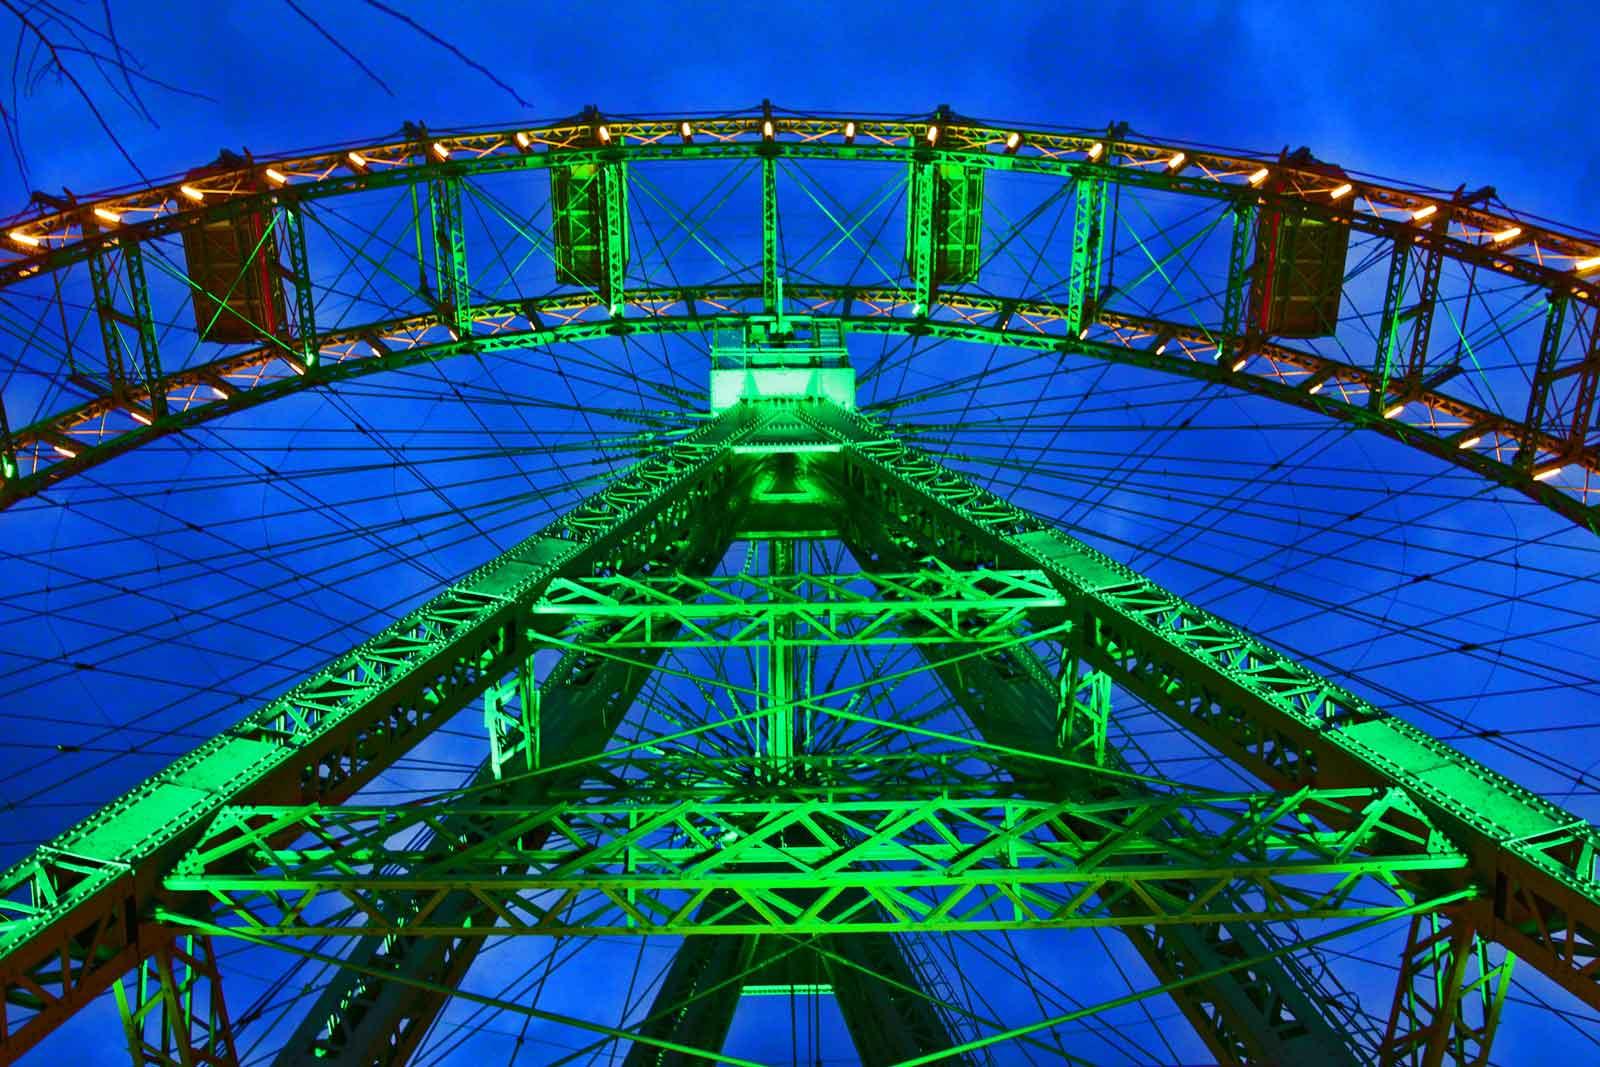 St.Patricks Day – Wiener Riesenrad ergrünt